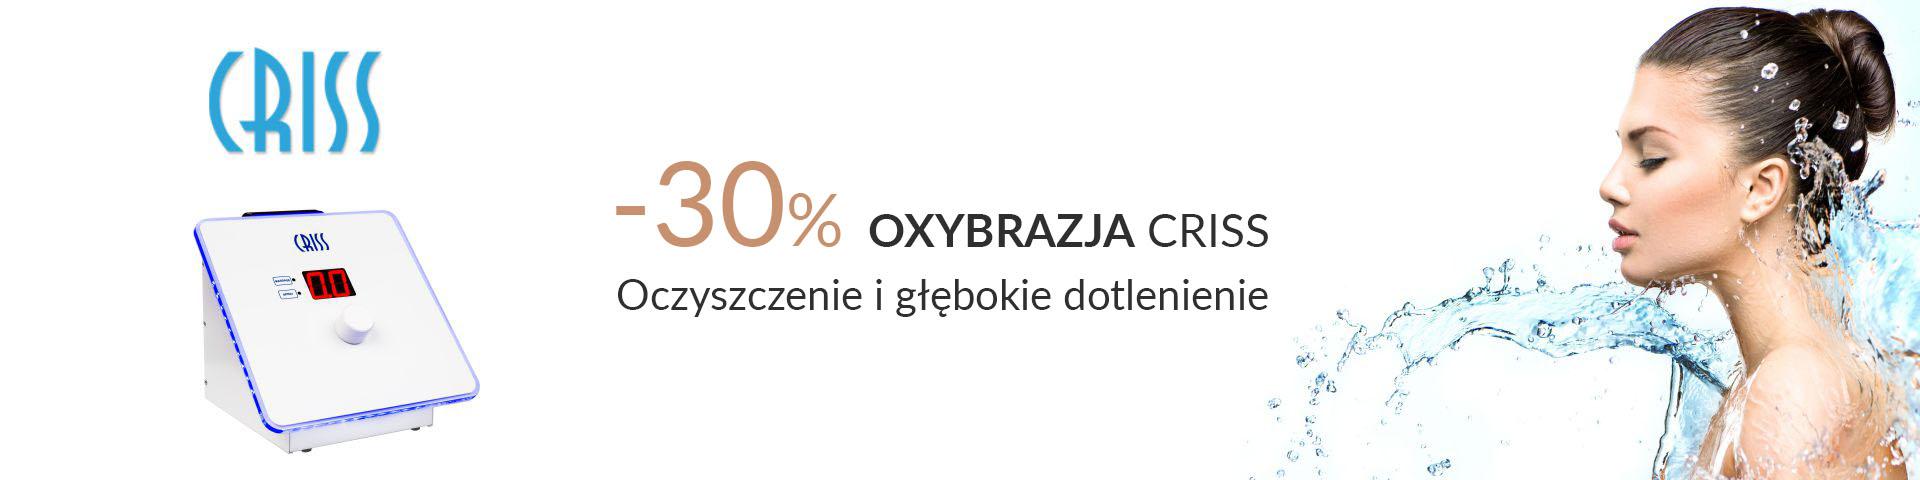 Oxybrazja - promocja